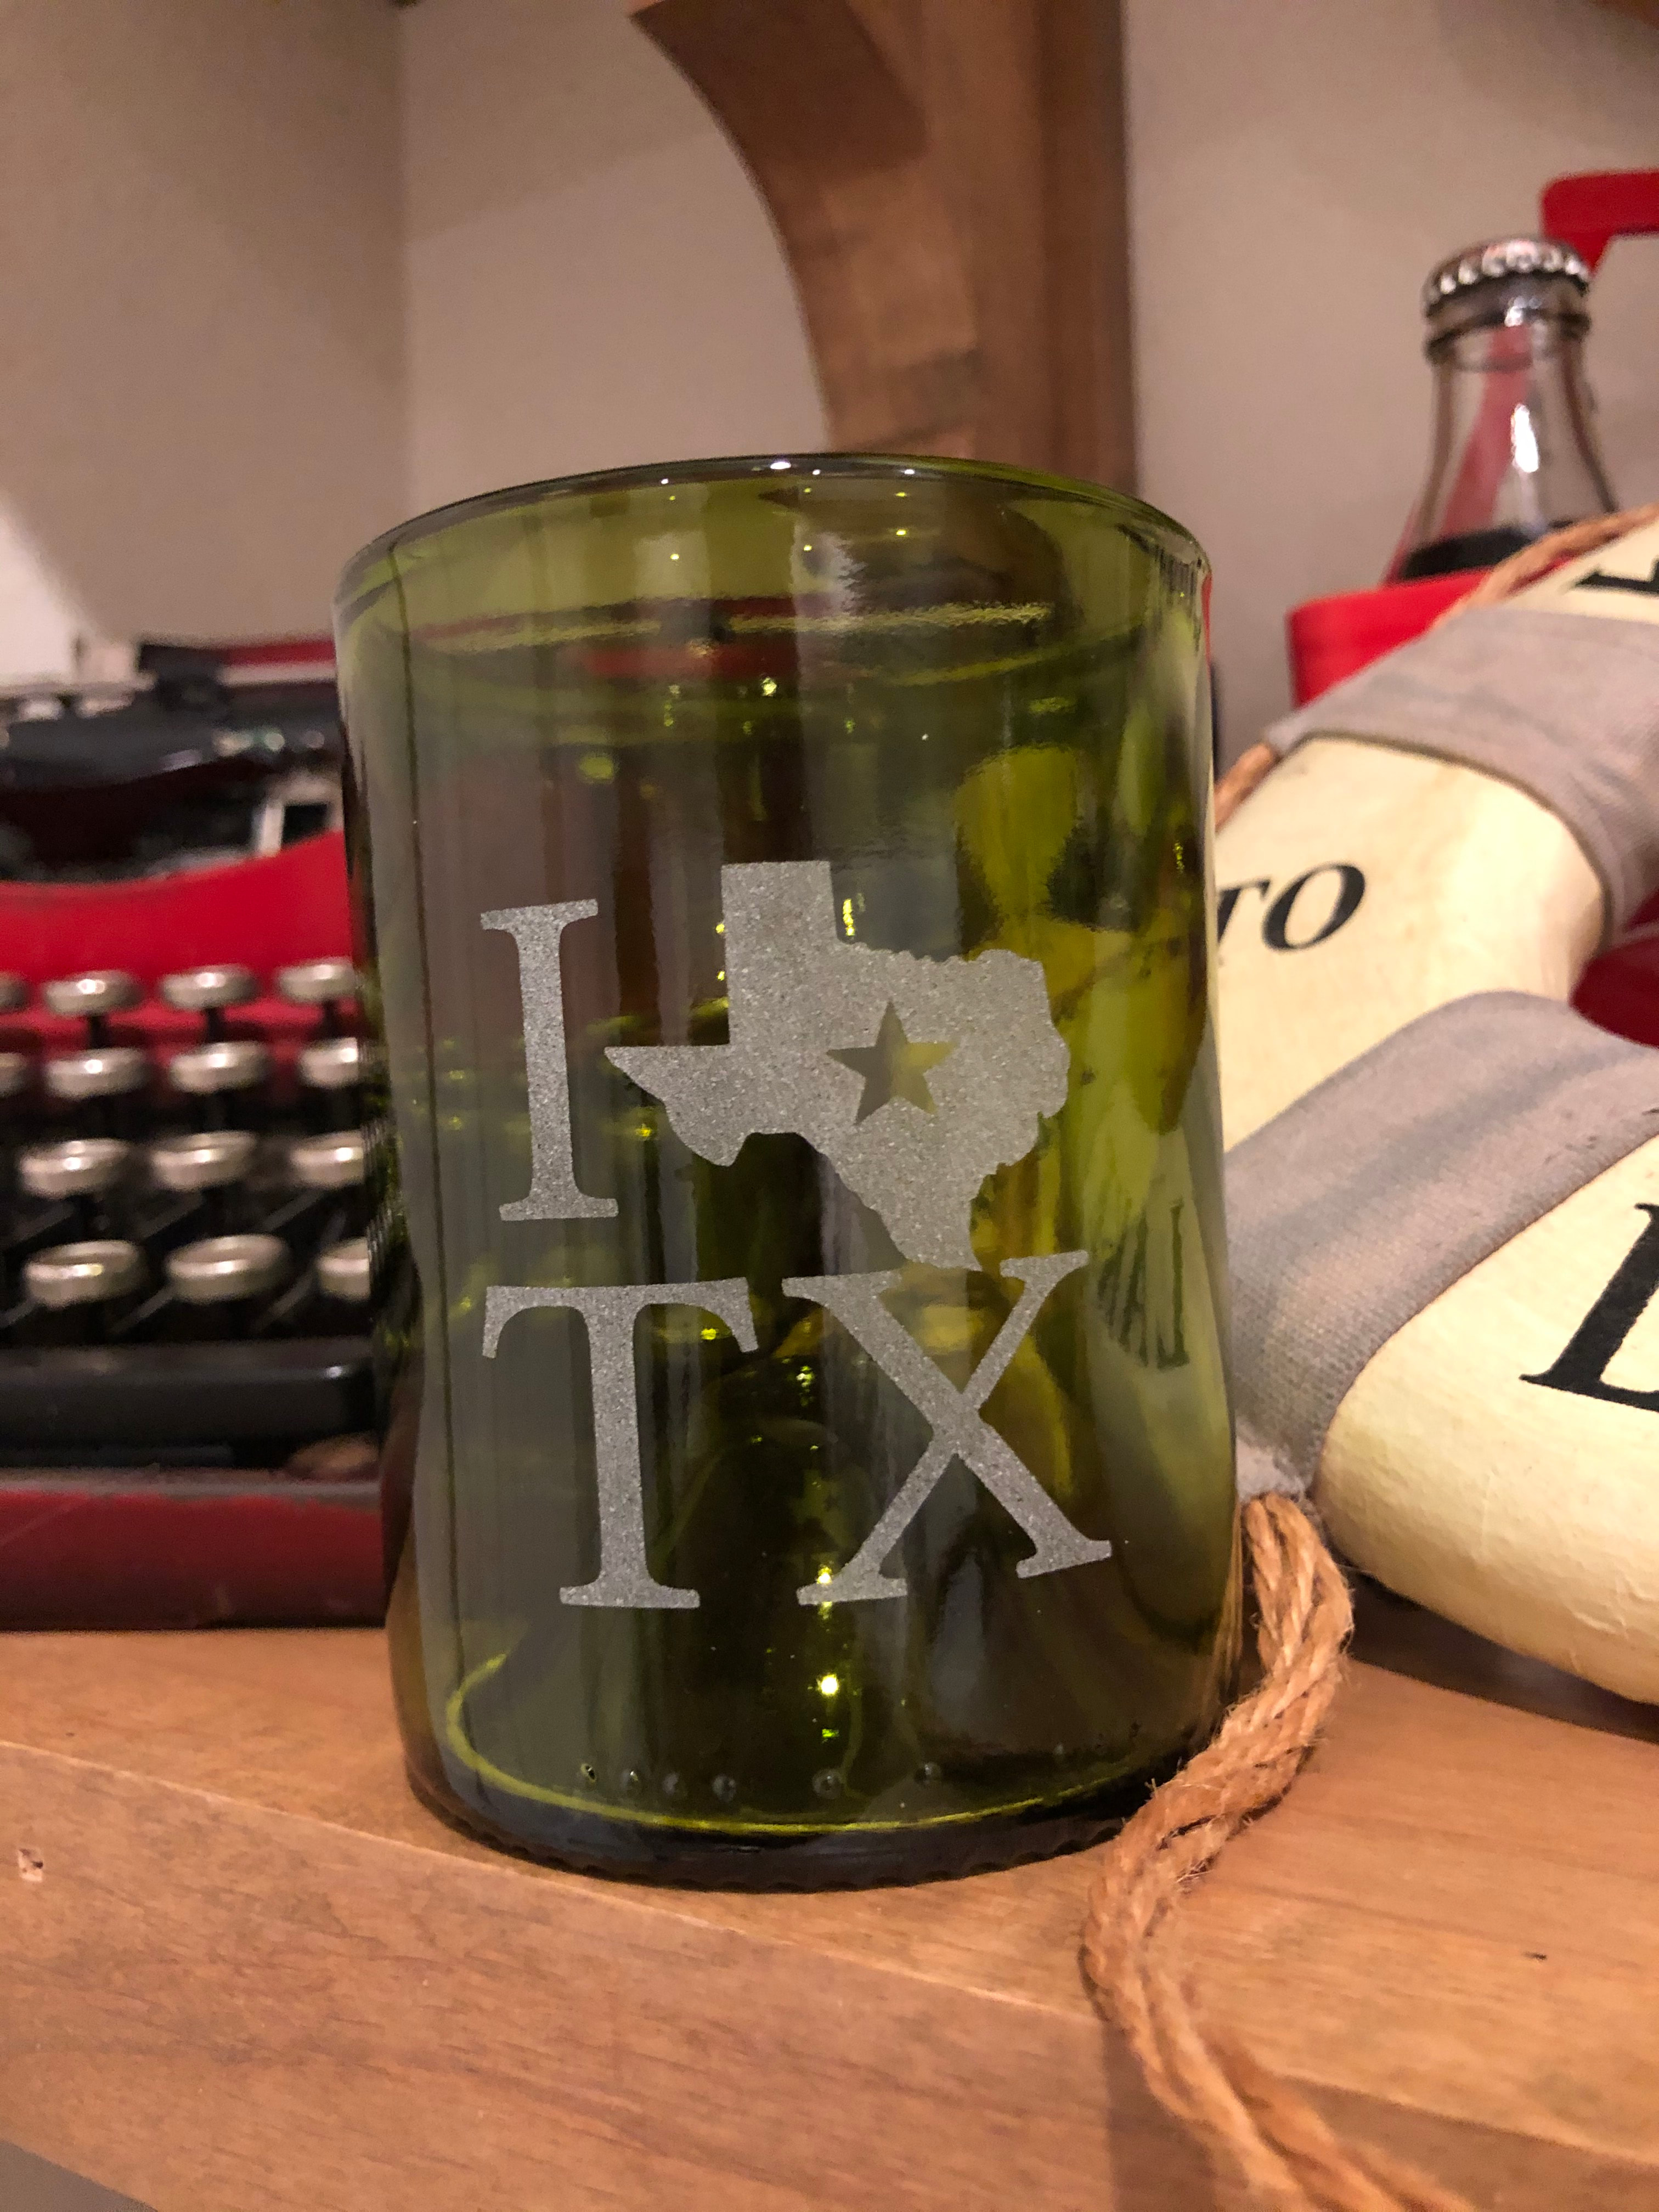 12 oz I Love TX